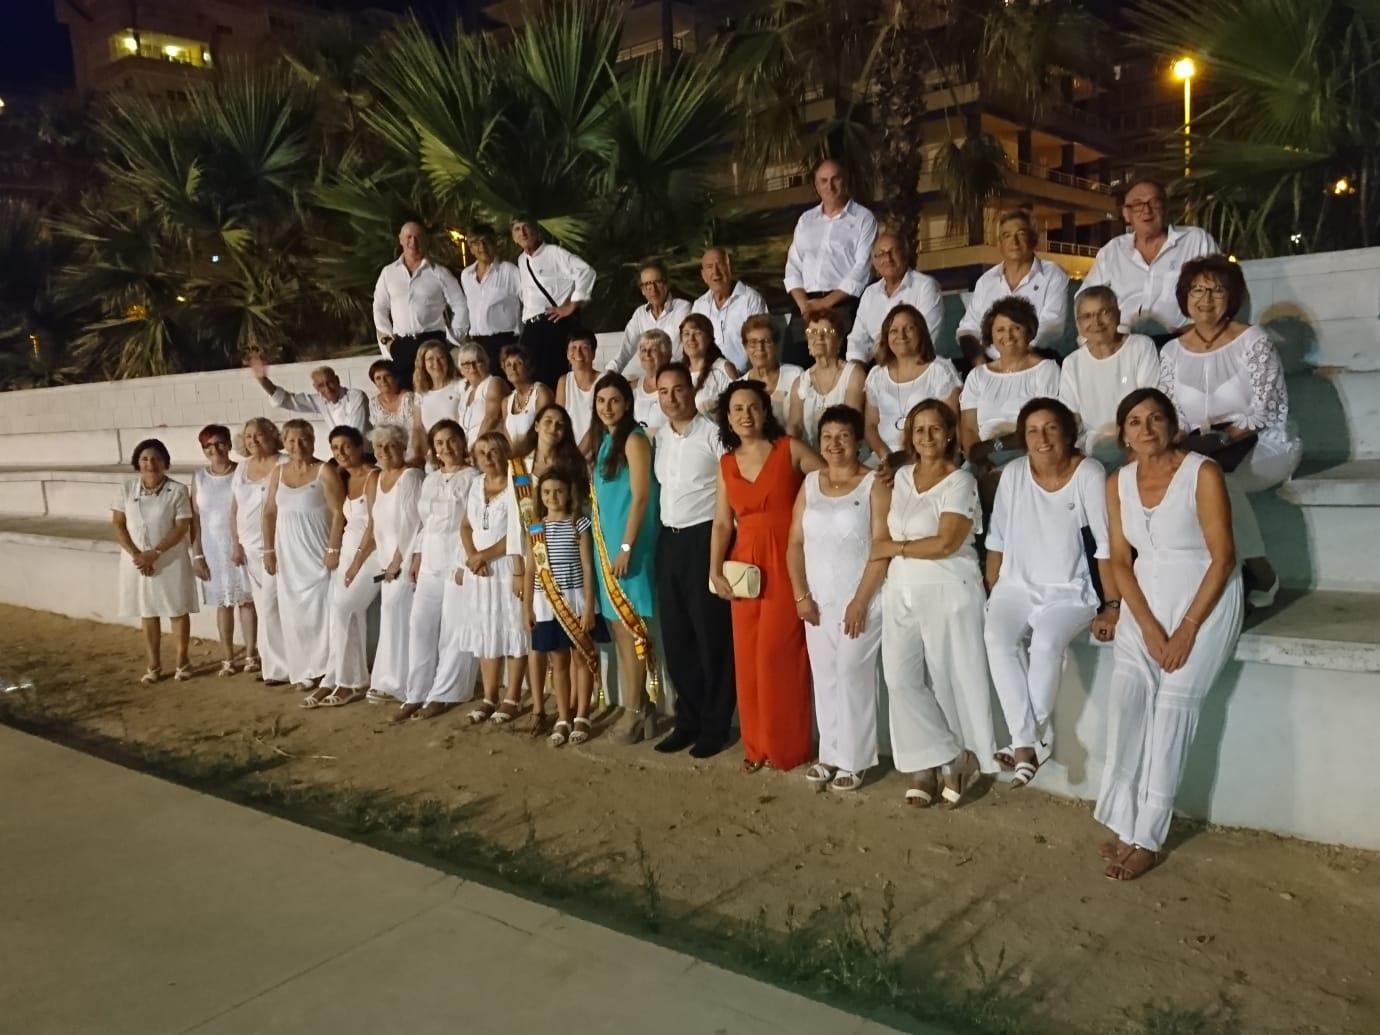 """El domingo 4 de agosto la Coral Polifónica de La Armónica participó en el VI Festival de corals """"Cançons a la mar"""" que tuvo lugar en Tavernes de la Valldigna"""